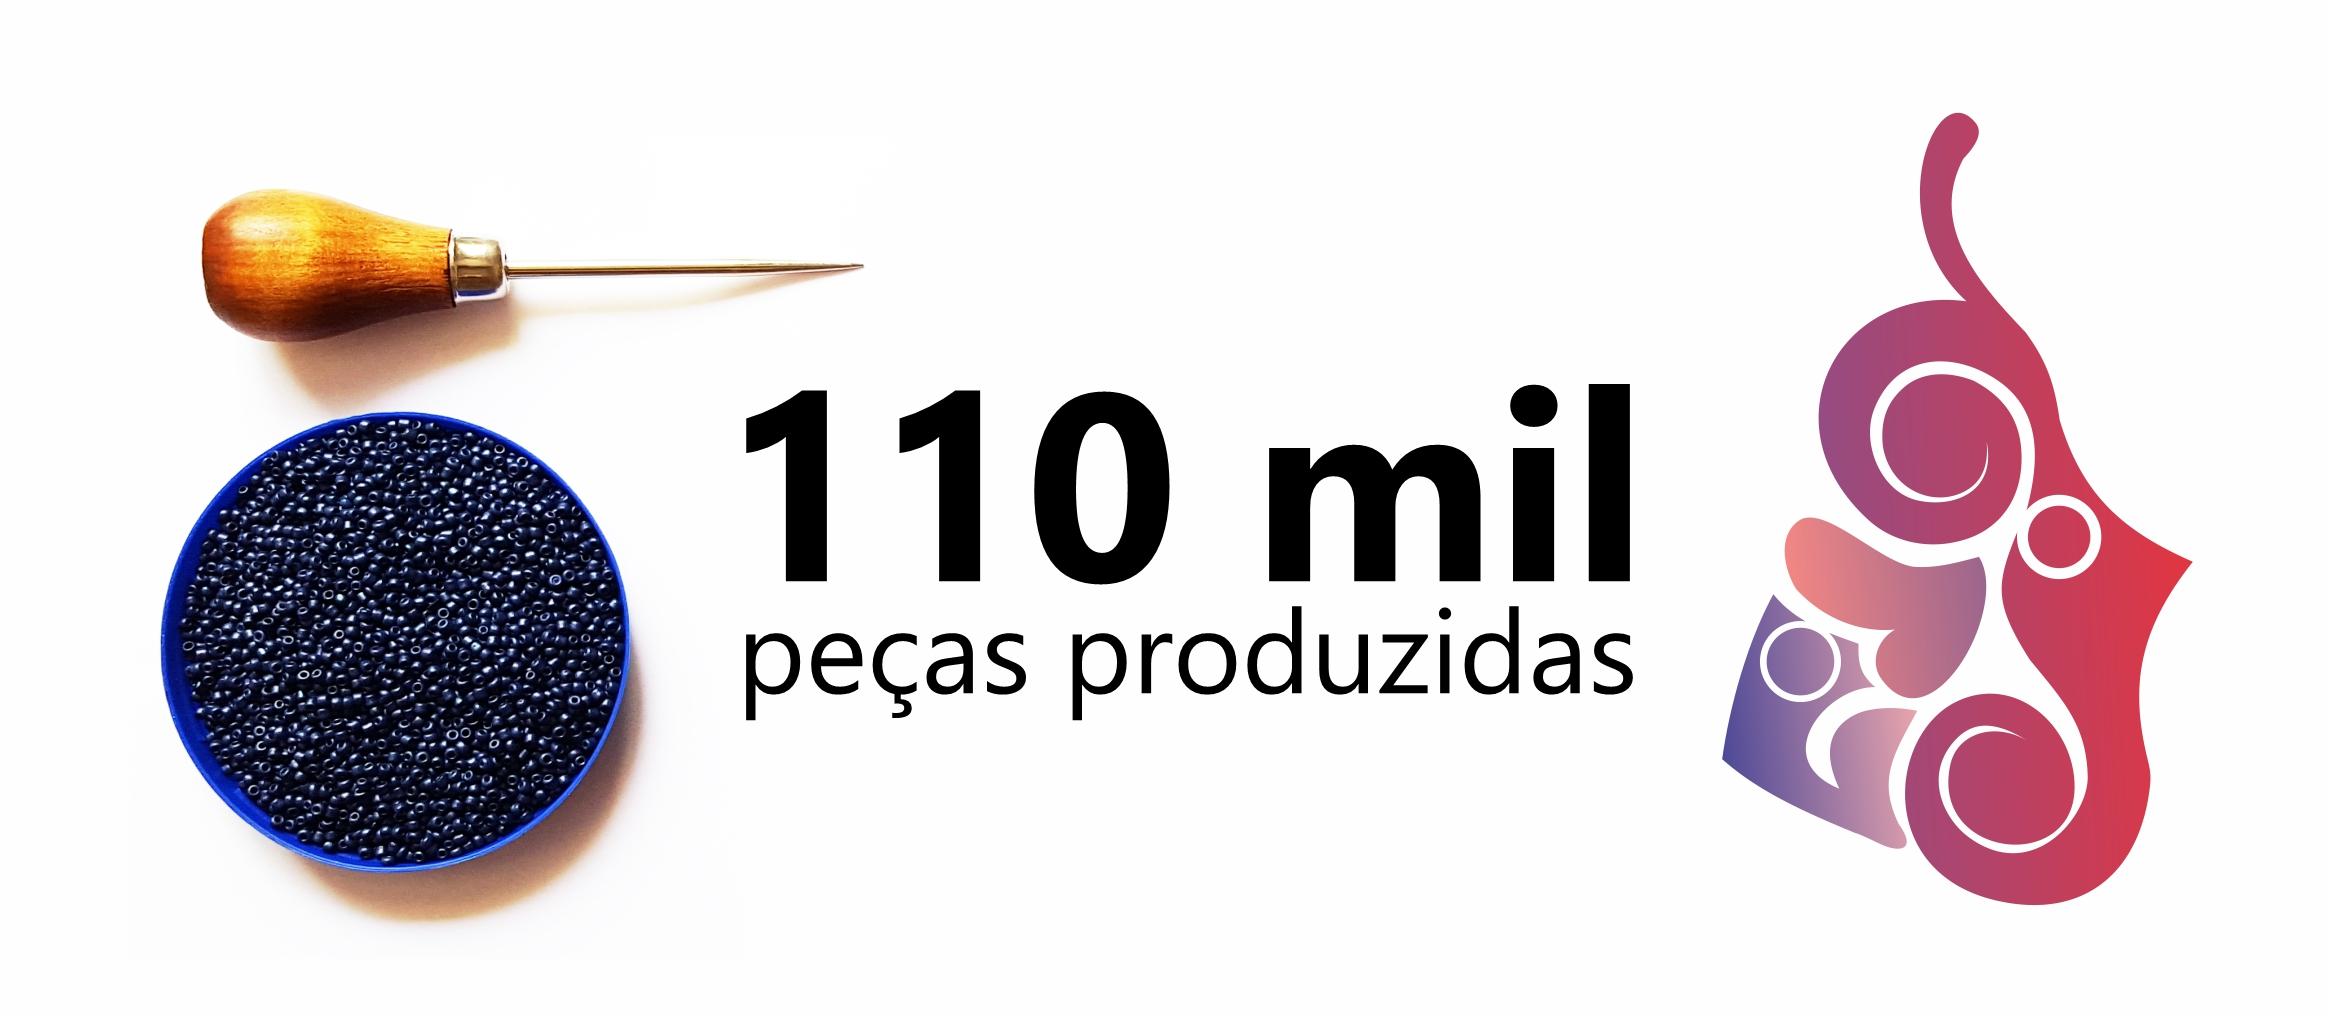 110 mil peças produzidas